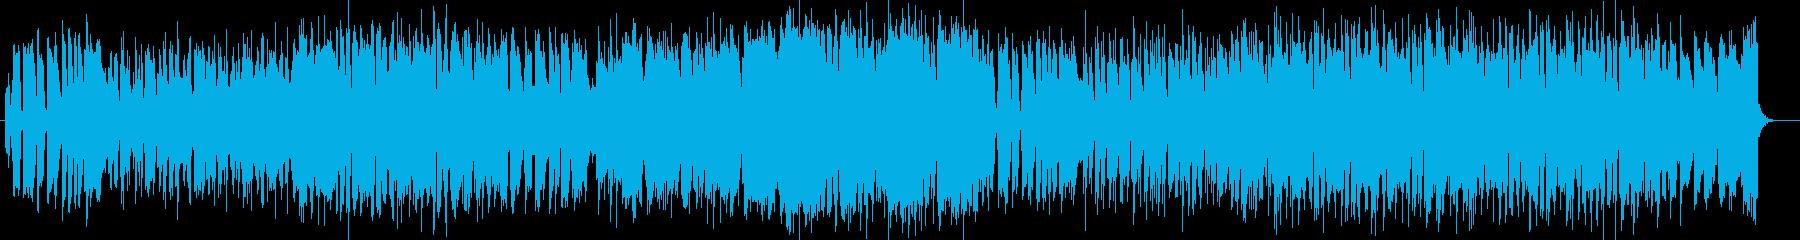 ほのぼの感のシンセサイザーギターポップの再生済みの波形